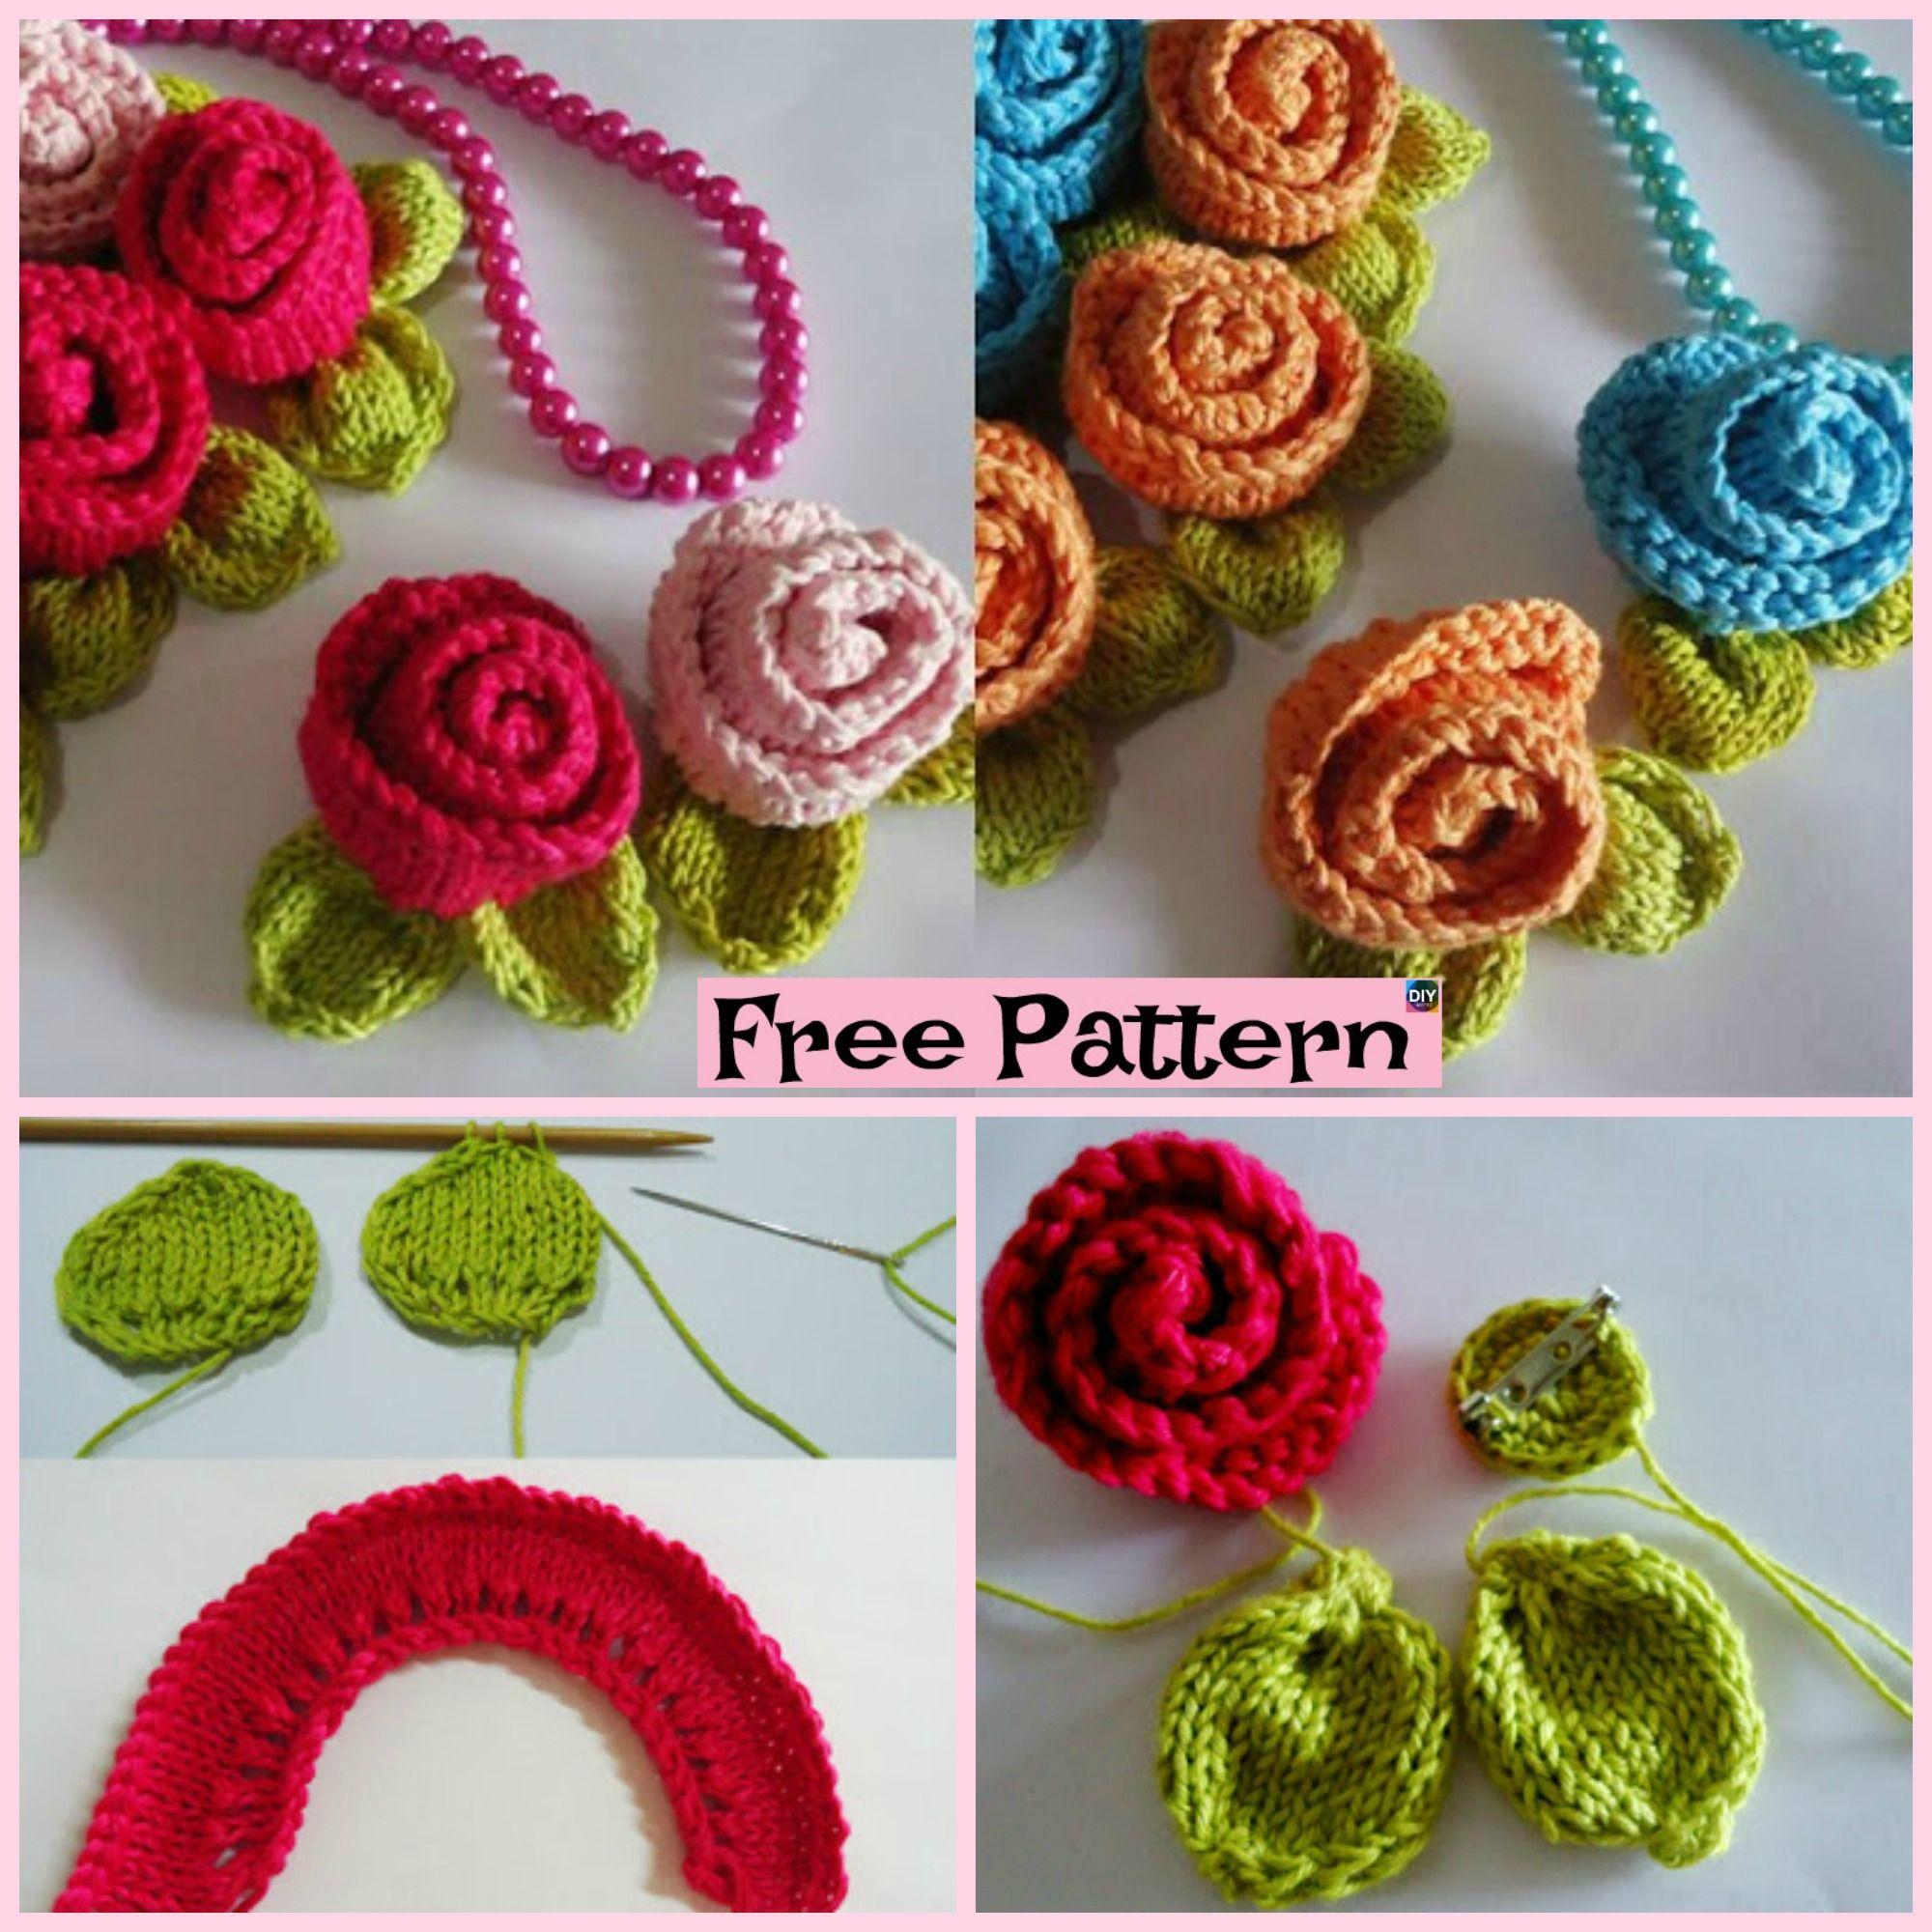 Knit Little Rose Flower for Beginner - Free Patterns ...